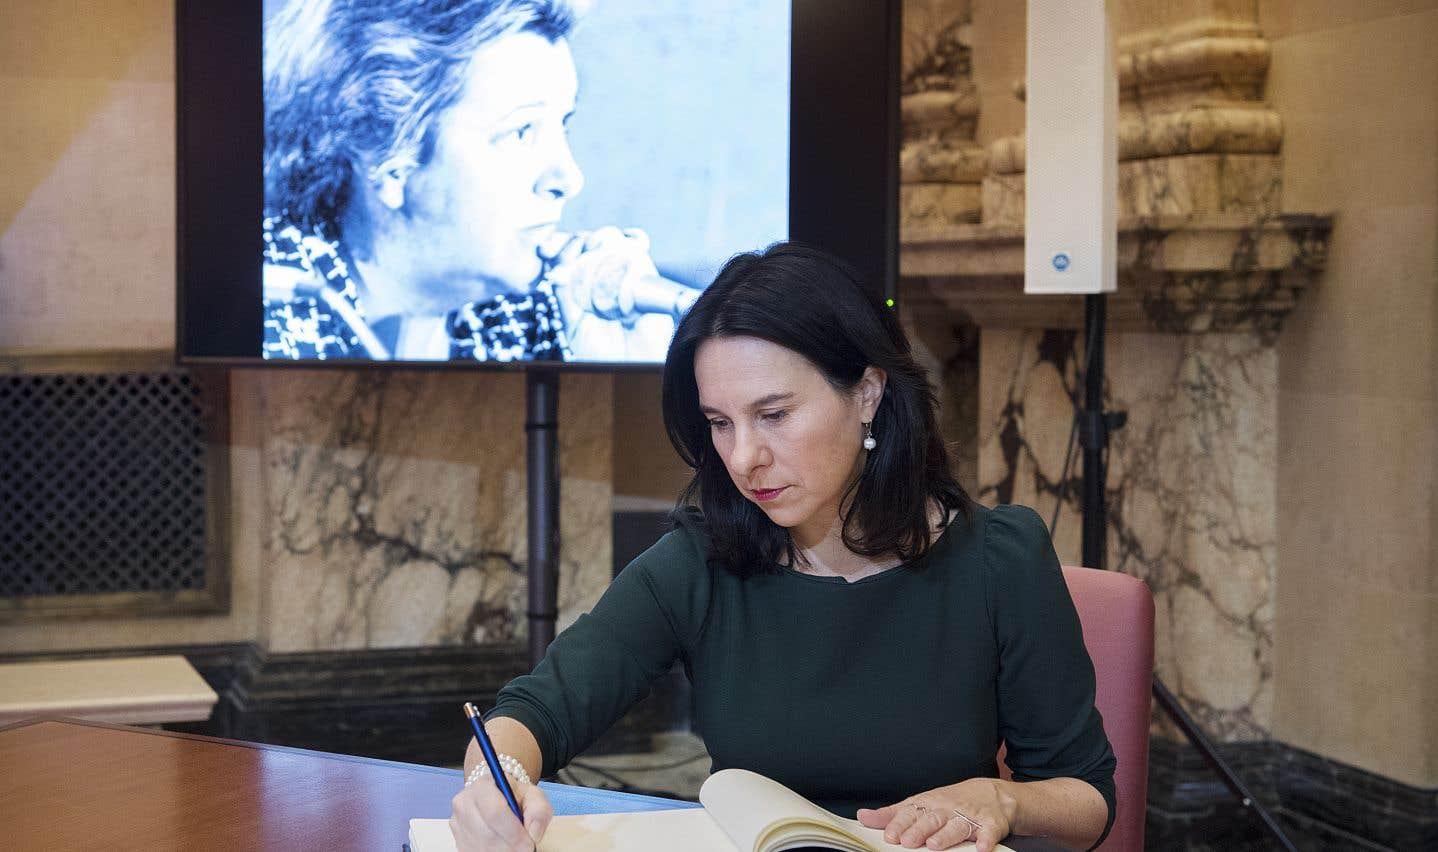 La mairesse de Montréal,Valérie Plante,a déclaré en mêlée de presse que MmePayette était un modèle pour elle.